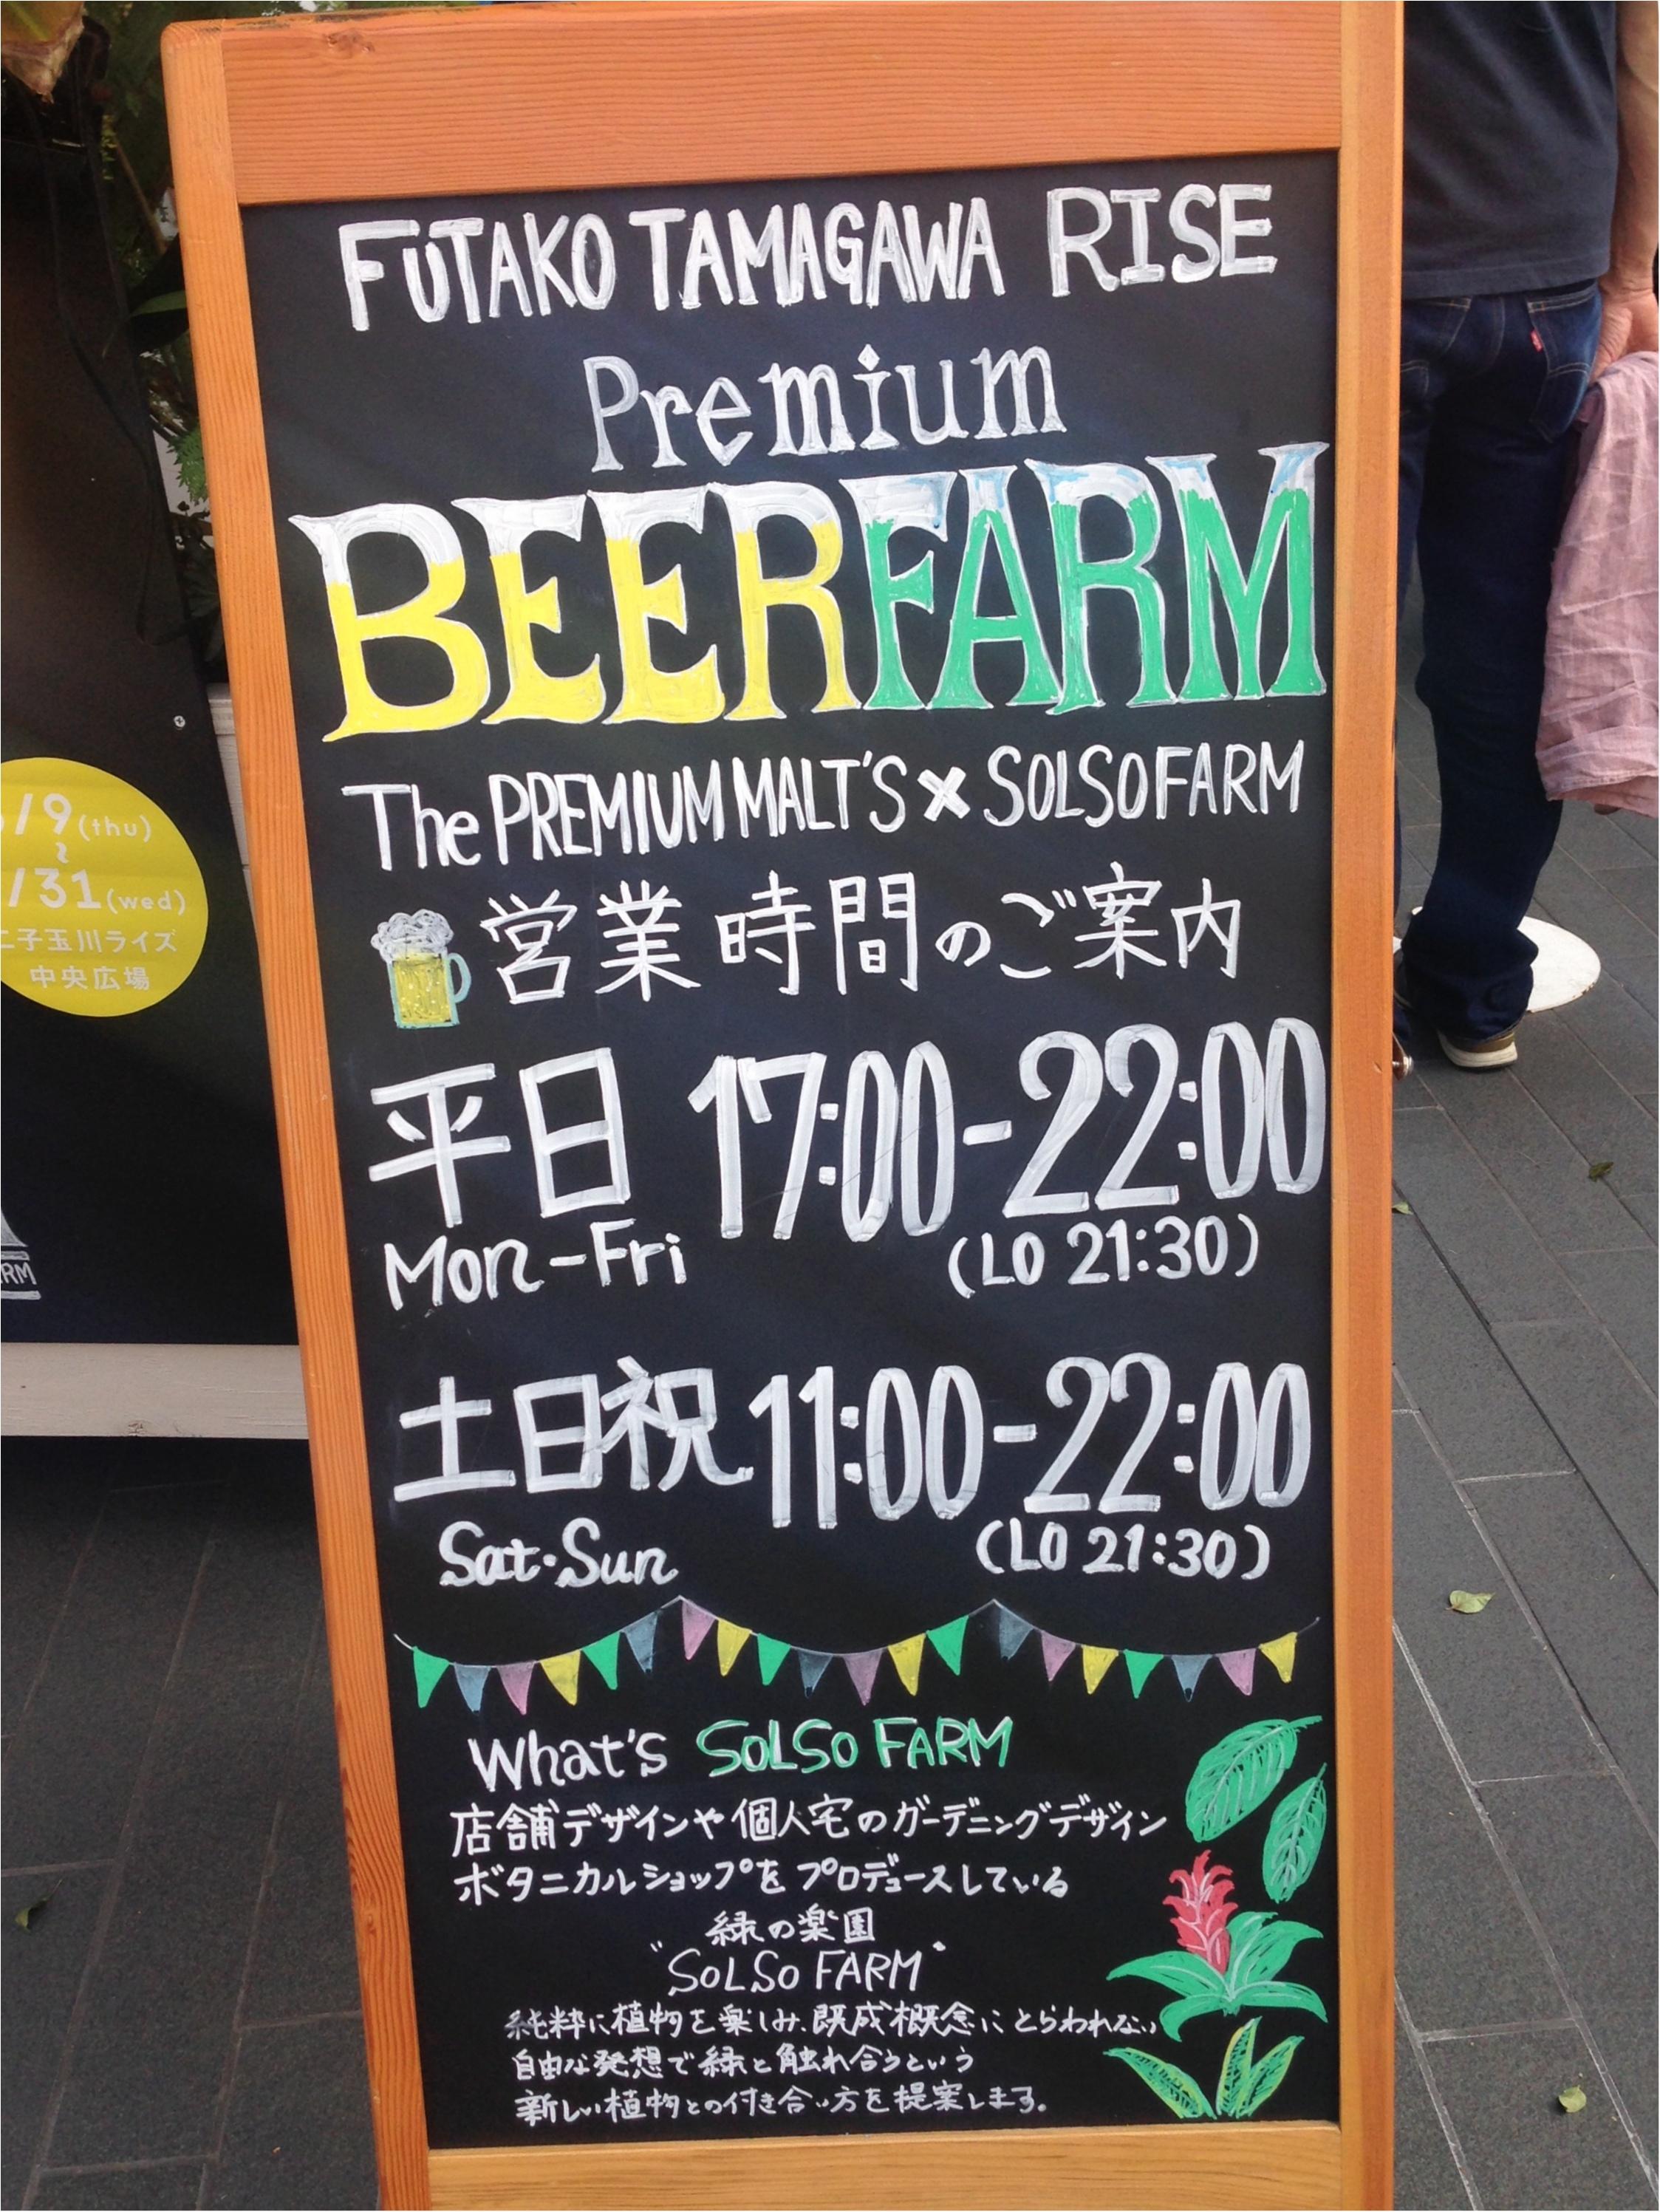 海外のような雰囲気♡芝生でくつろぎながらビールのもー\(^o^)/【二子玉川8月まで!】_5